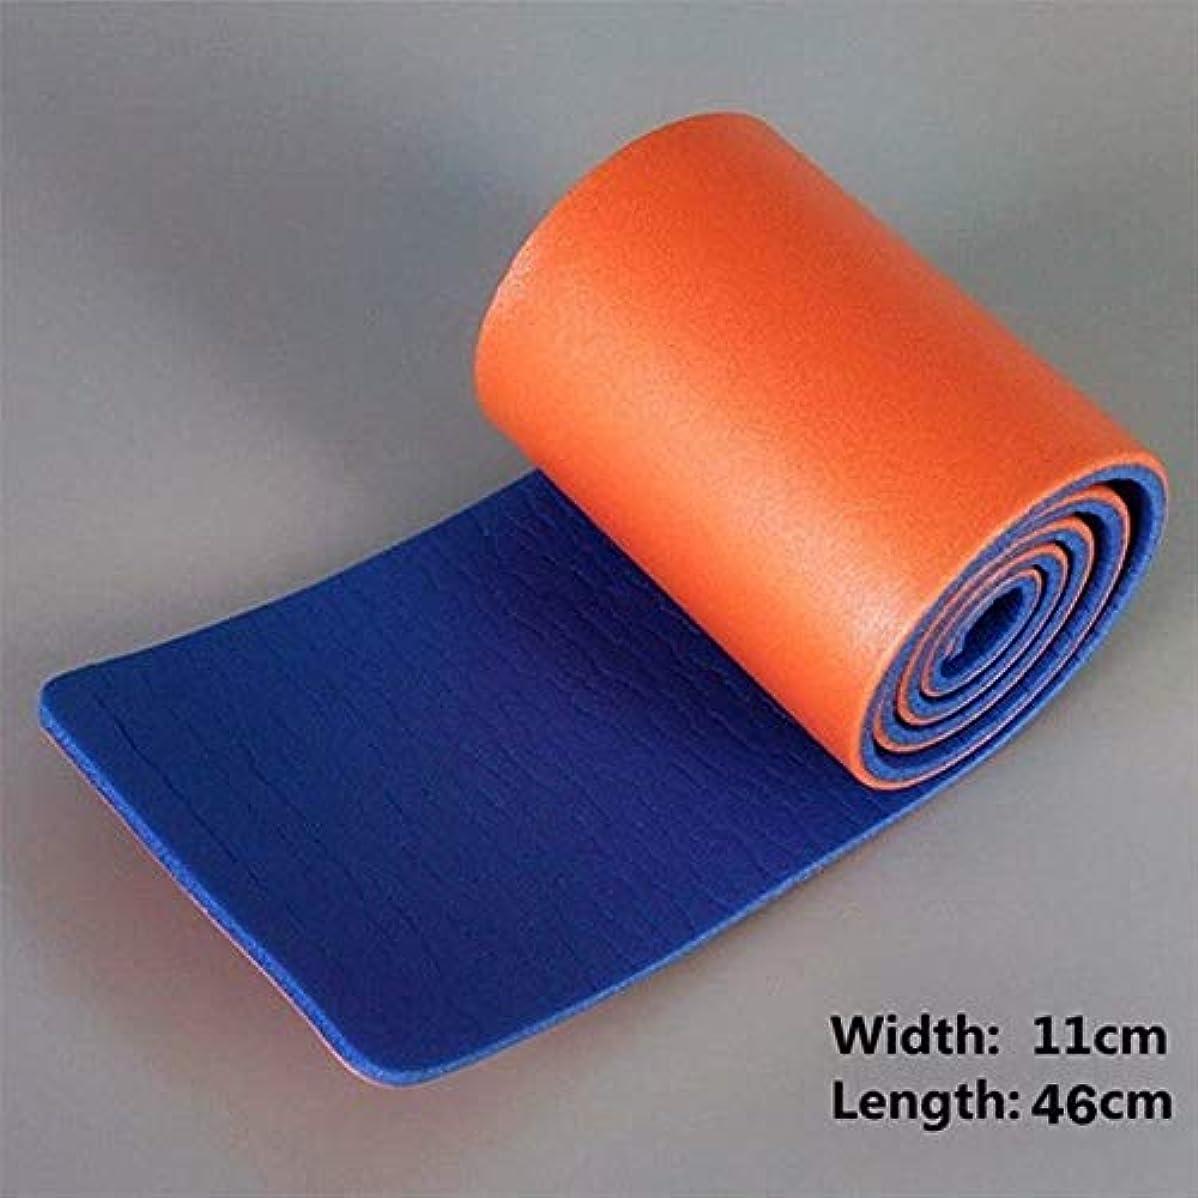 ホイッスルうなる整理する圧着合板フル合板 - ハンド合板イージーモールド合板オレンジ